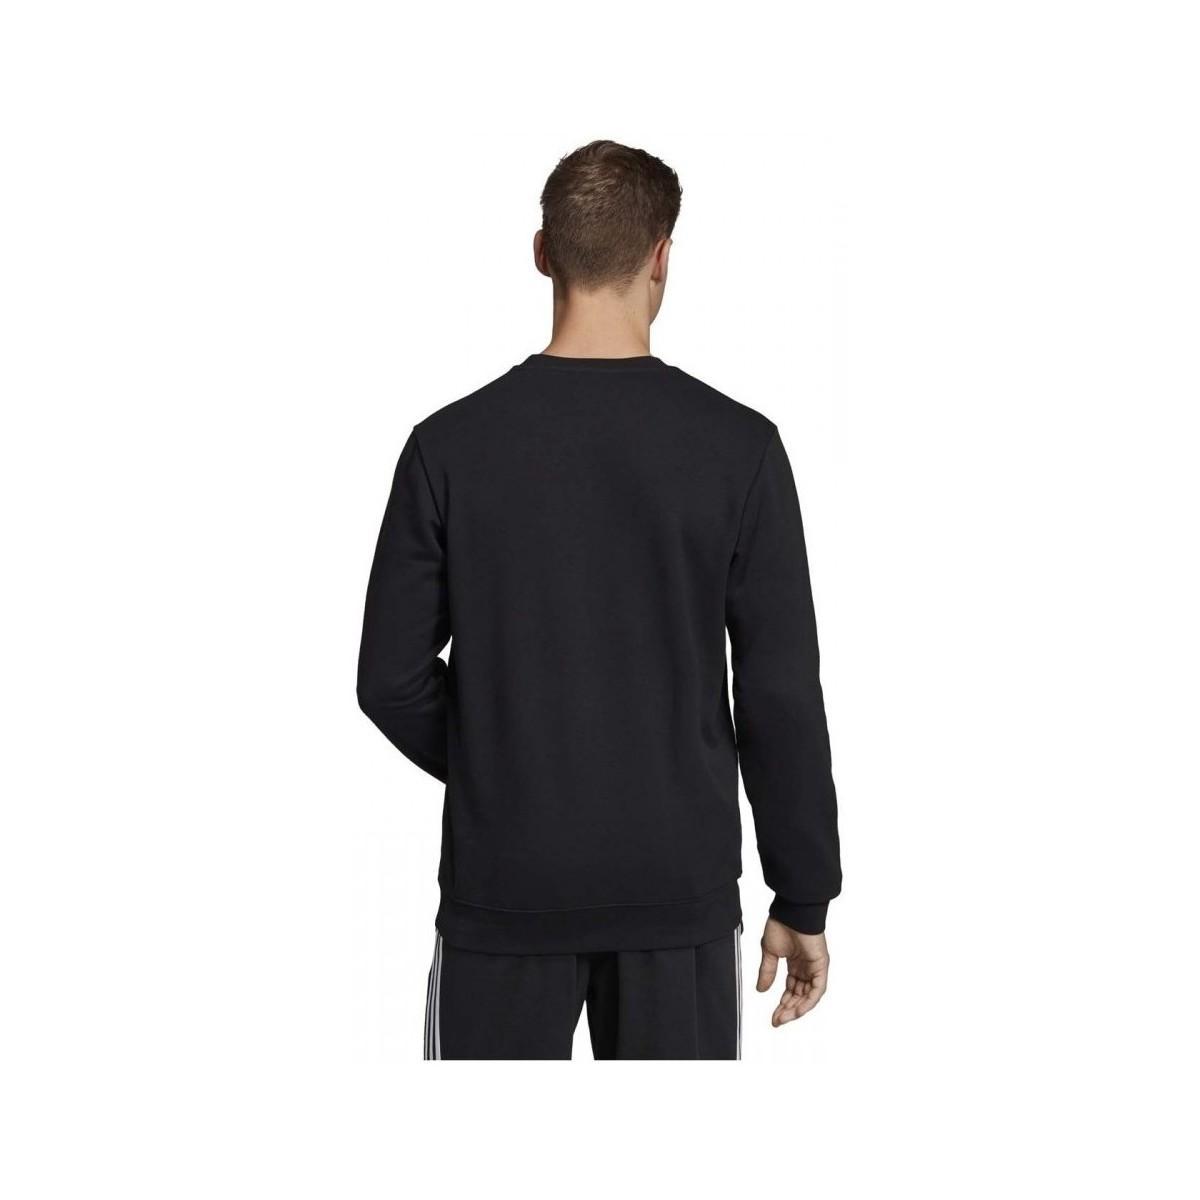 adidas Sweater Celebrate The 90s Brande Negro Logo Blanco Ei5617 in het Zwart voor heren